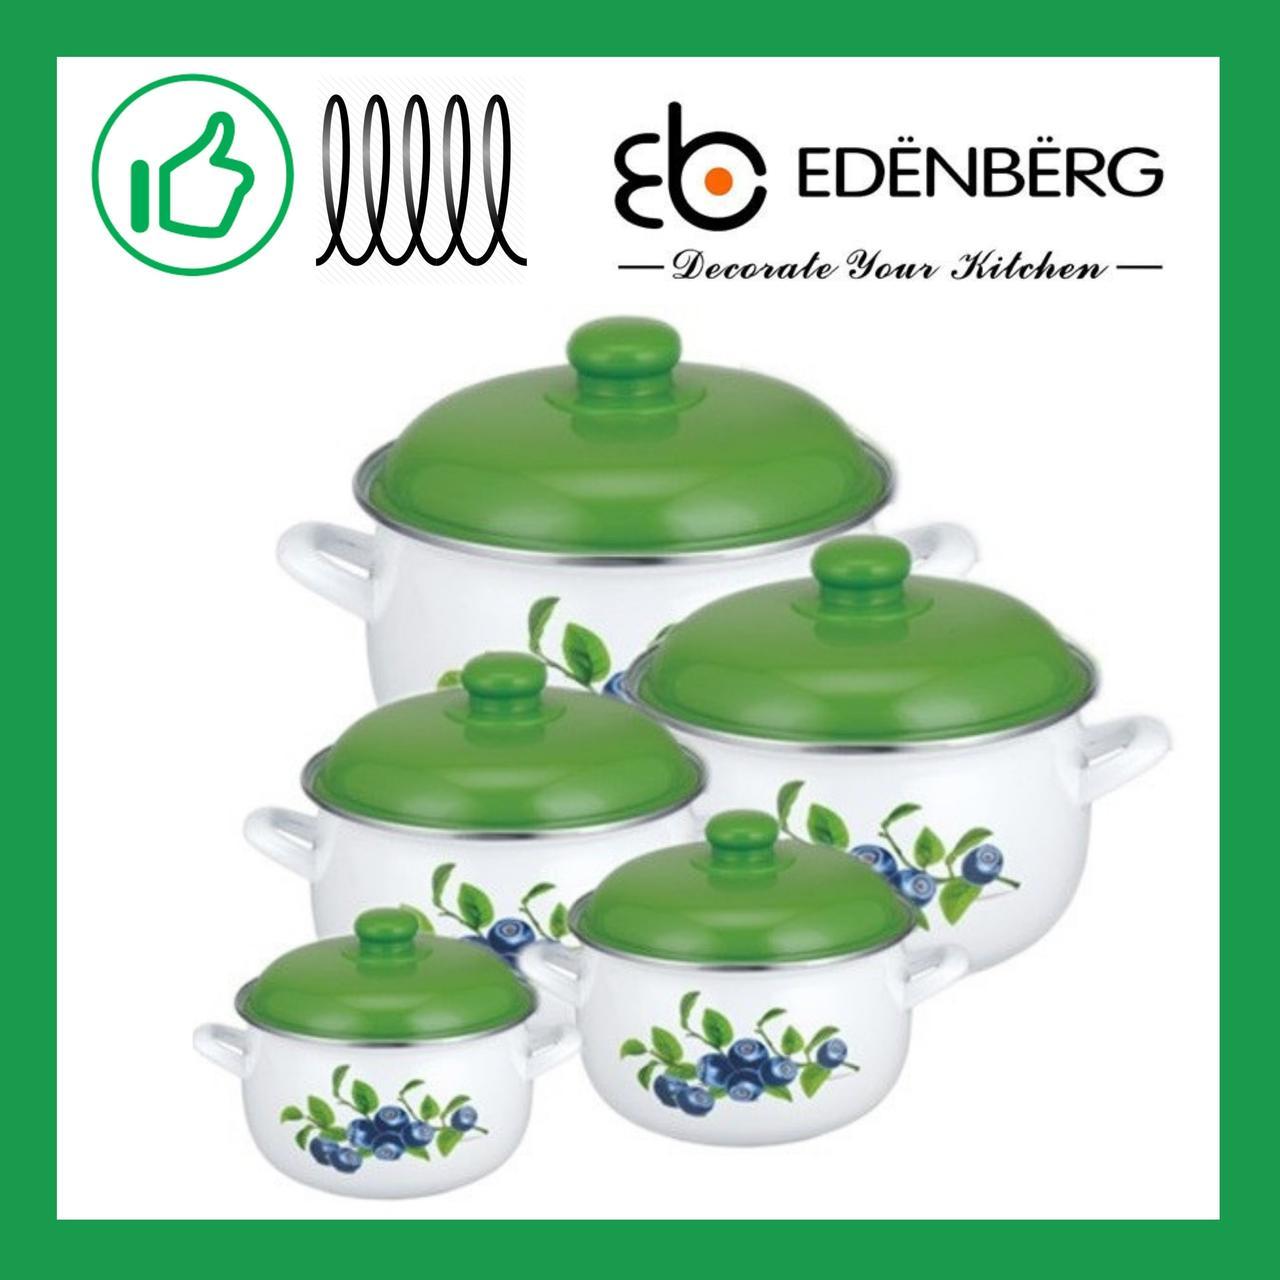 Набор посуды из 10 предметов Edenberg (EB-1874)